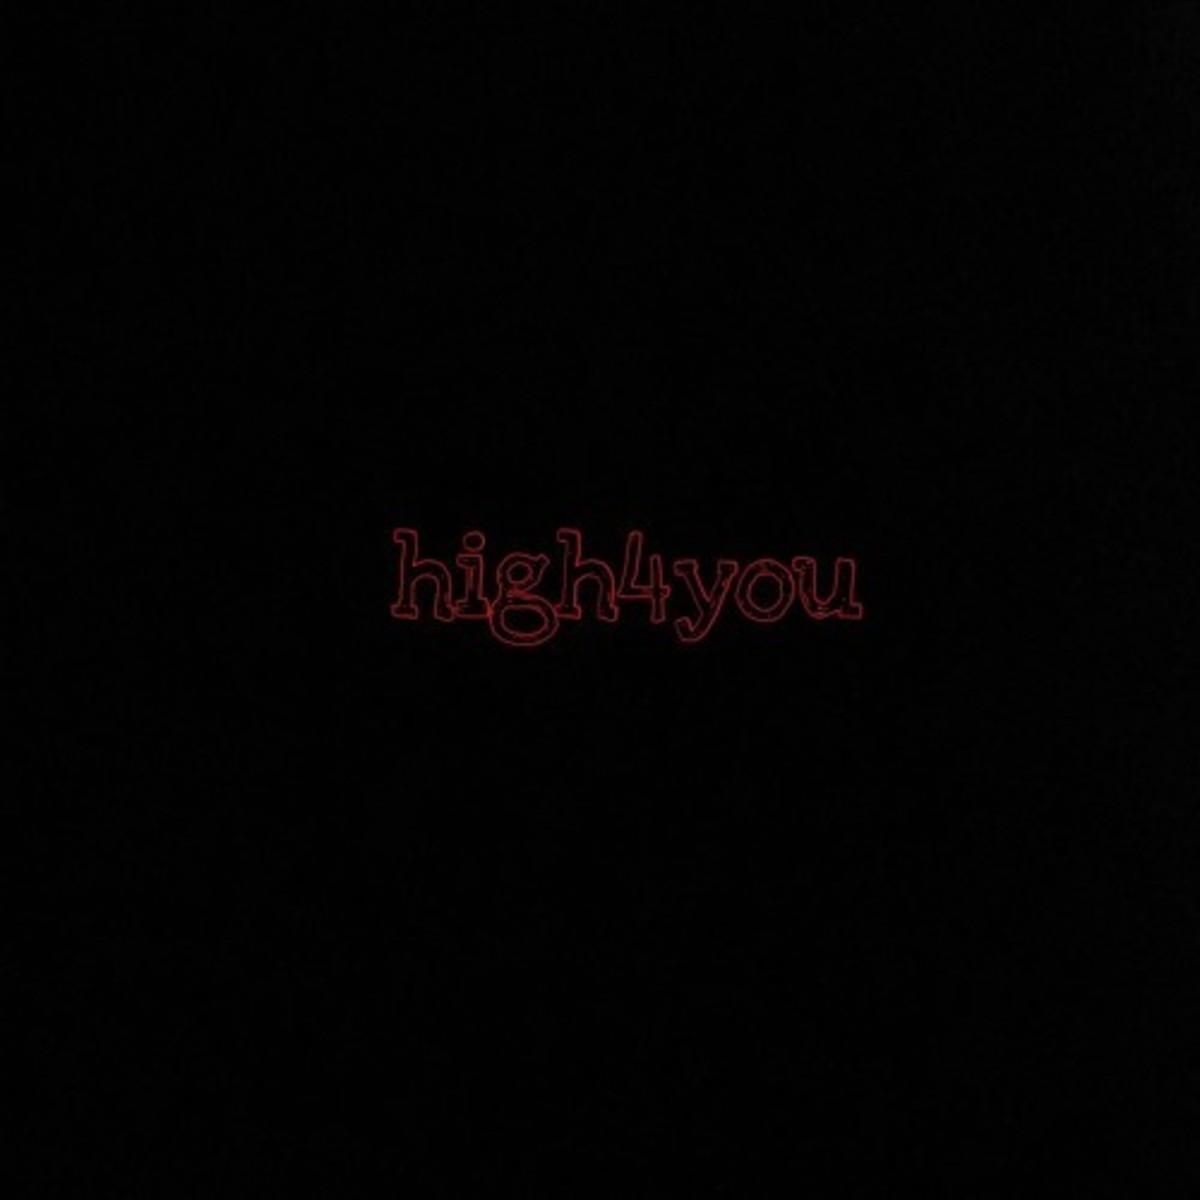 souletica-high4you.jpg